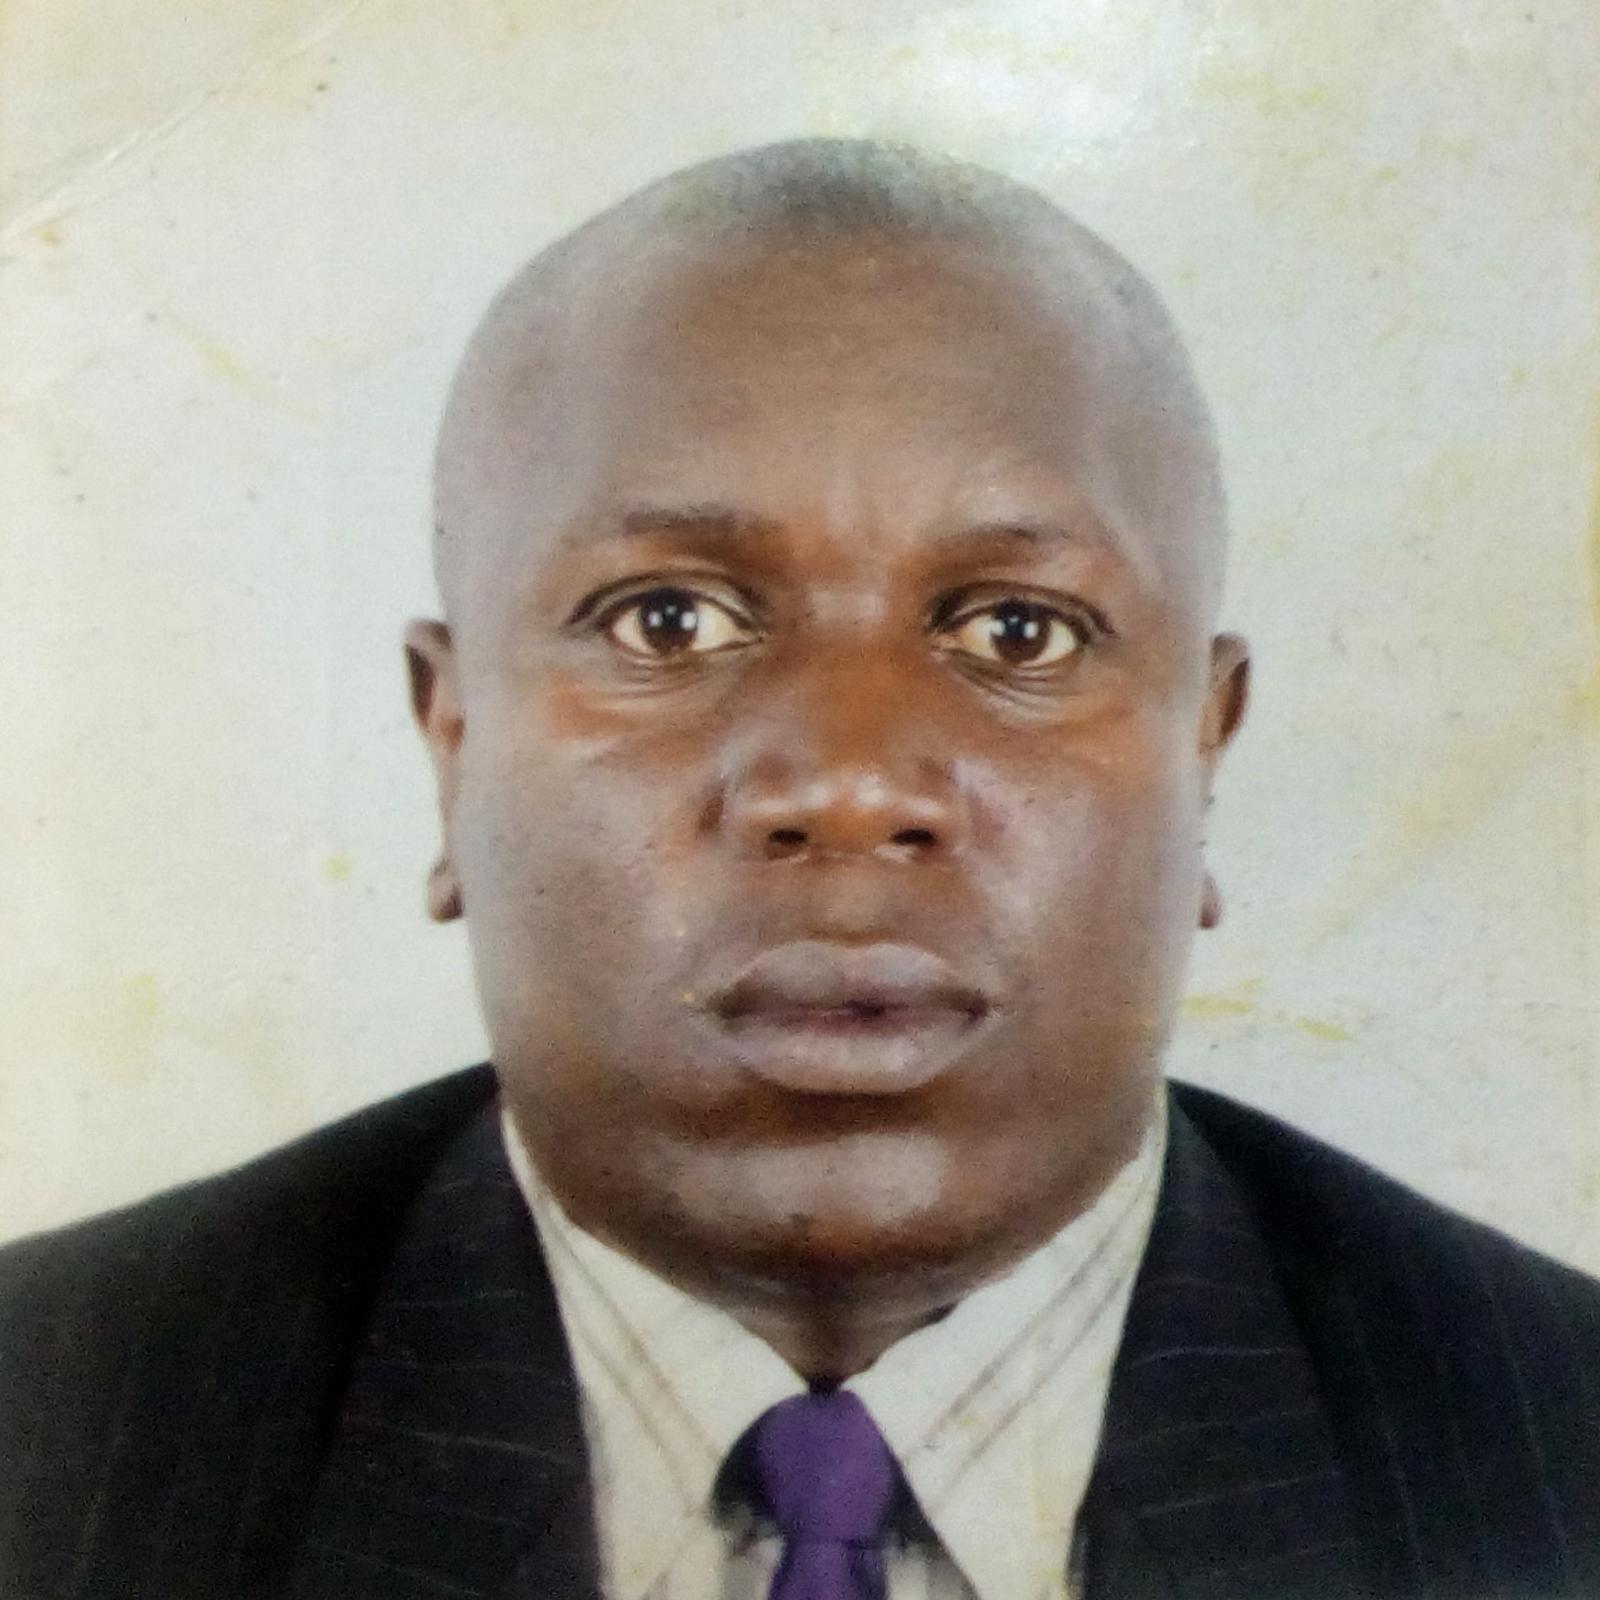 Fredrick Ojiambo